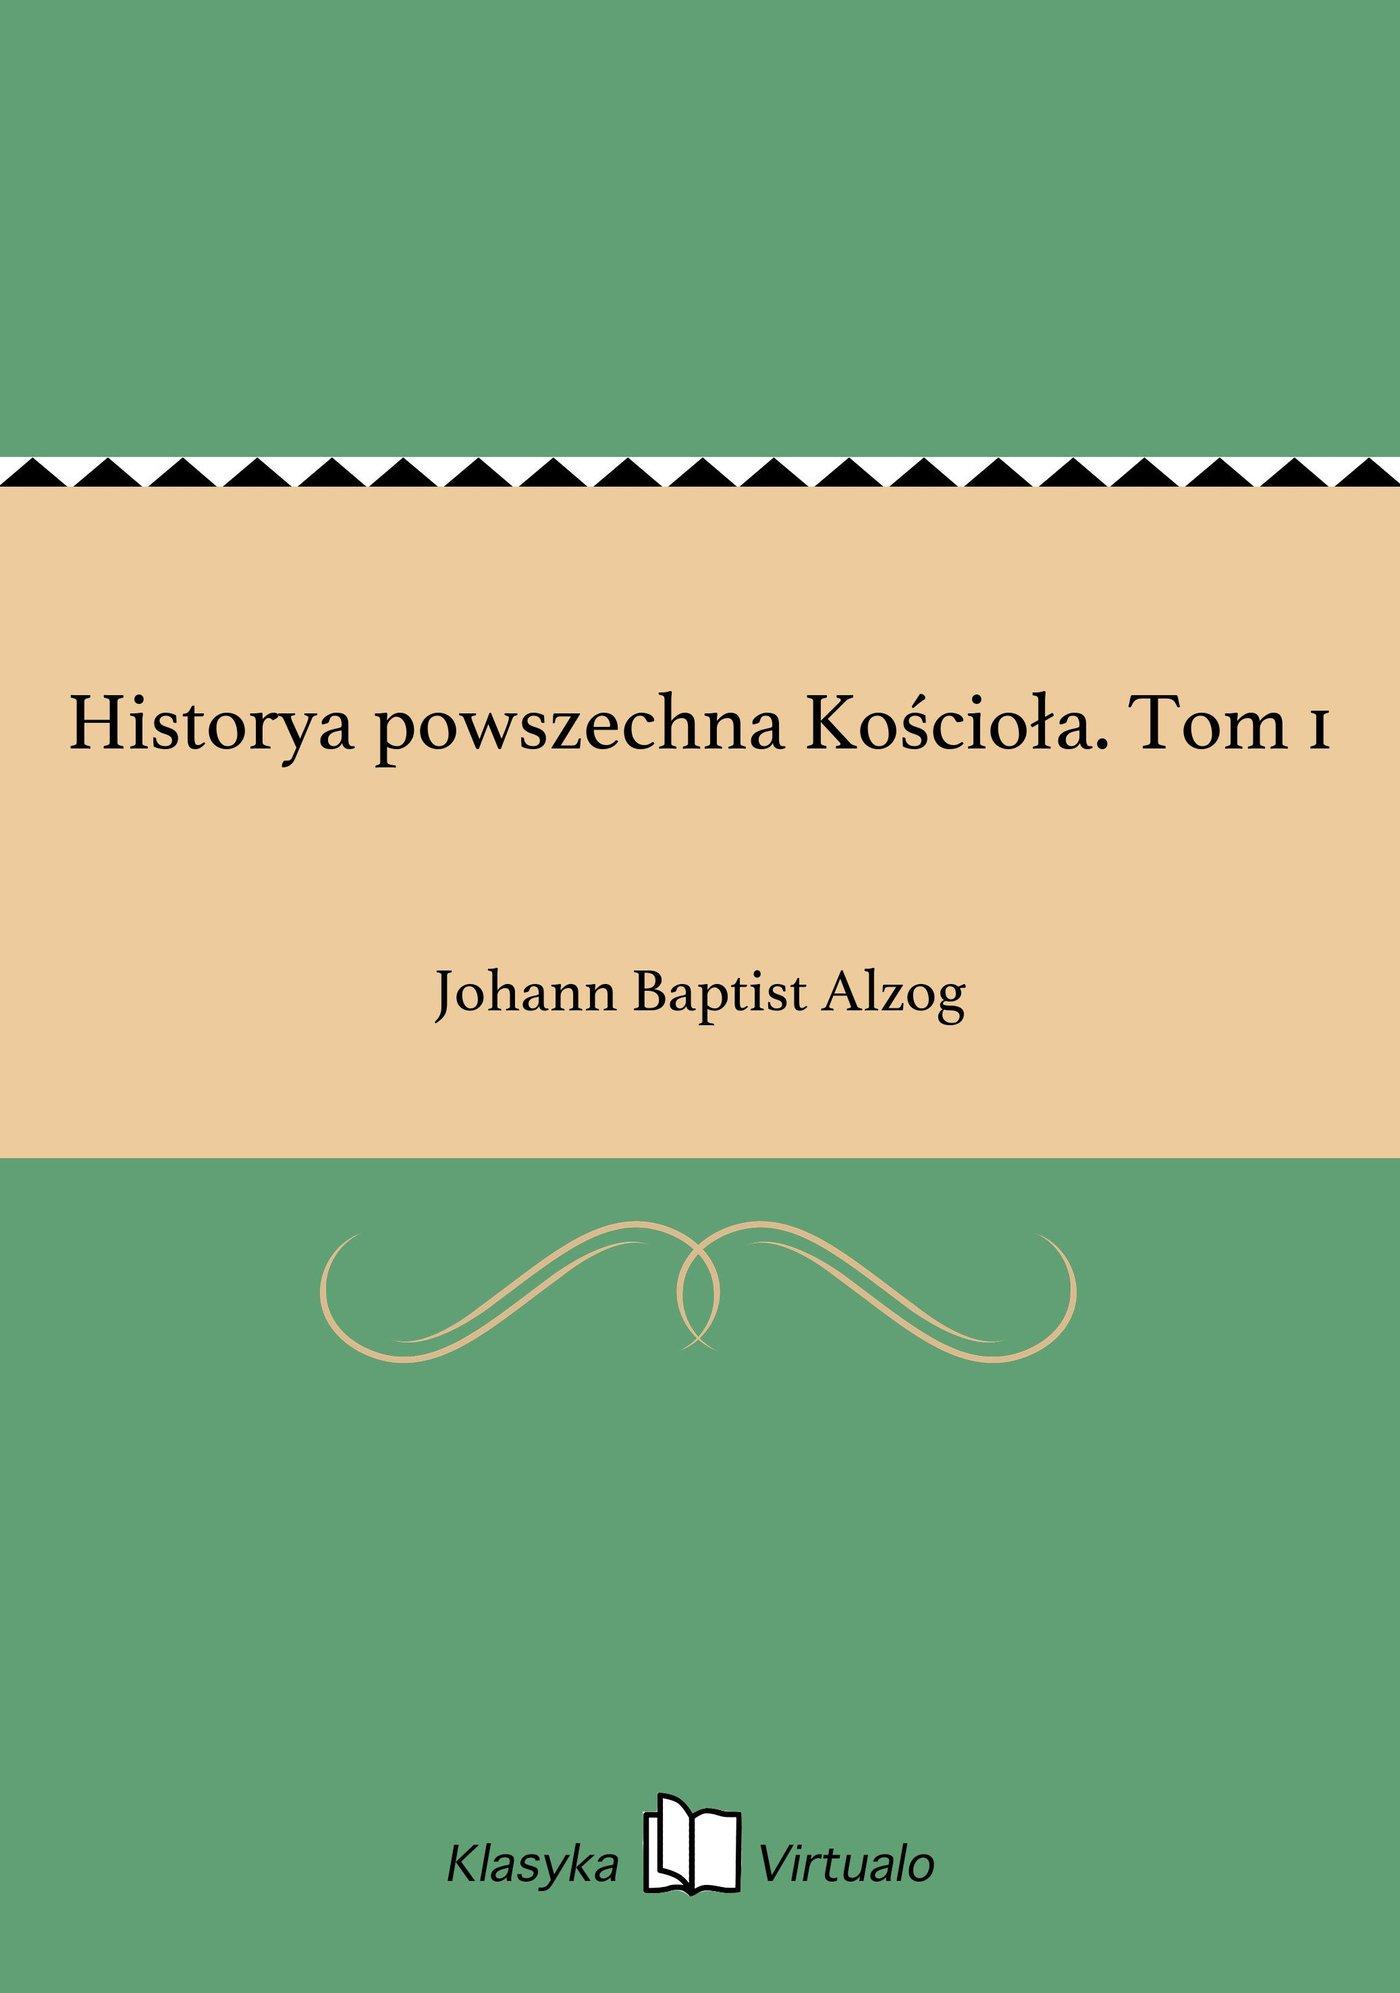 Historya powszechna Kościoła. Tom 1 - Ebook (Książka na Kindle) do pobrania w formacie MOBI